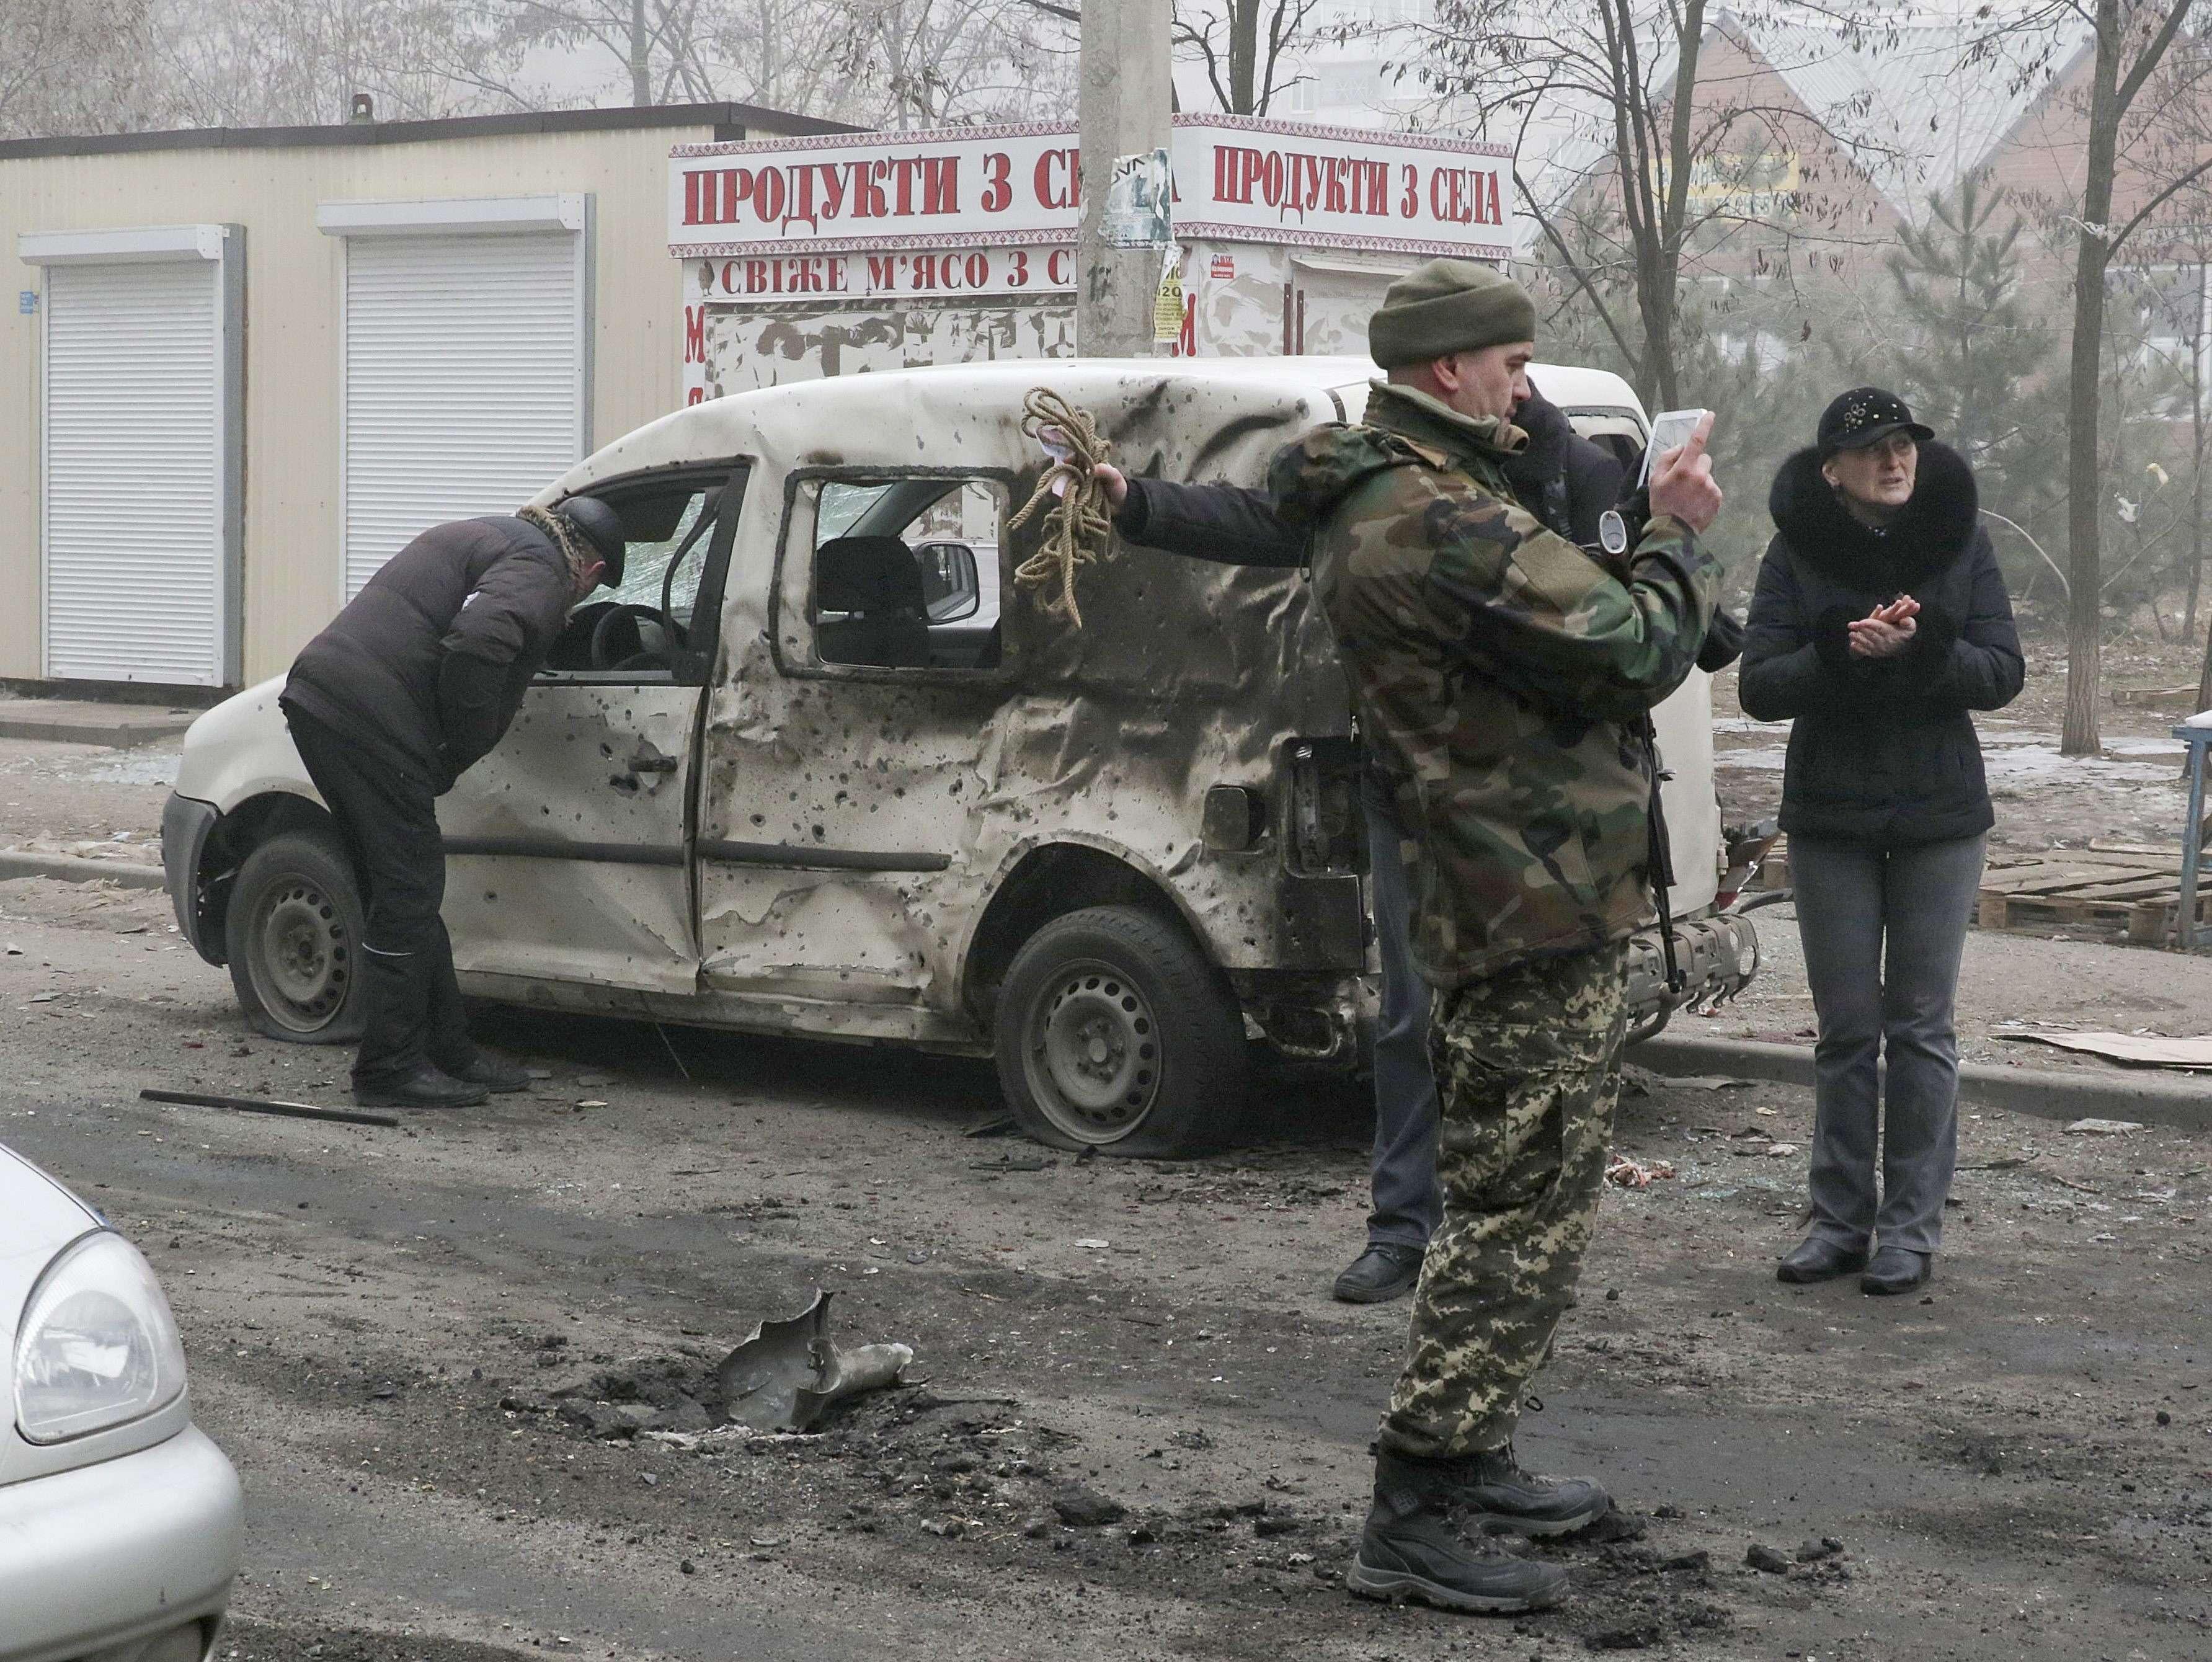 Militares ucranianos inspeccionan un coche dañado después de un bombardeo en la ciudad de Mariupol, en el este del país. Foto: EFE en español